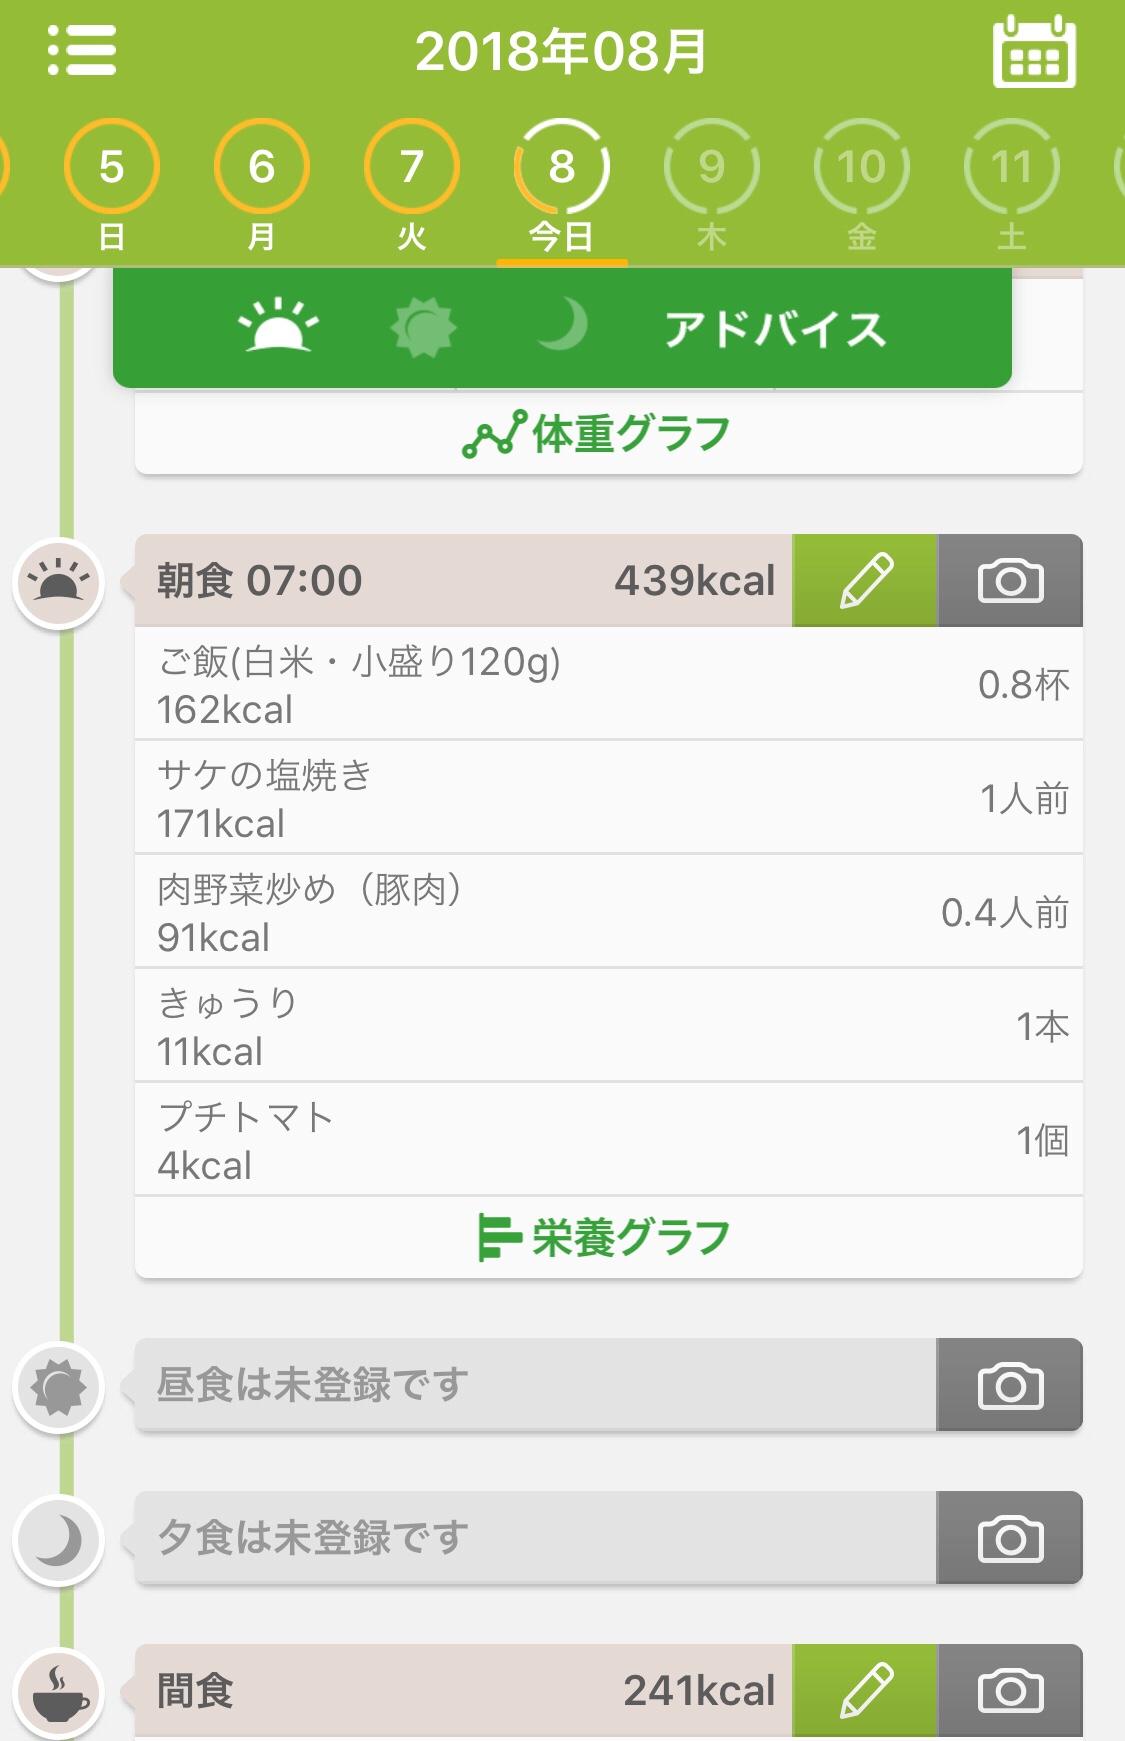 アプリ「あすけん」画面